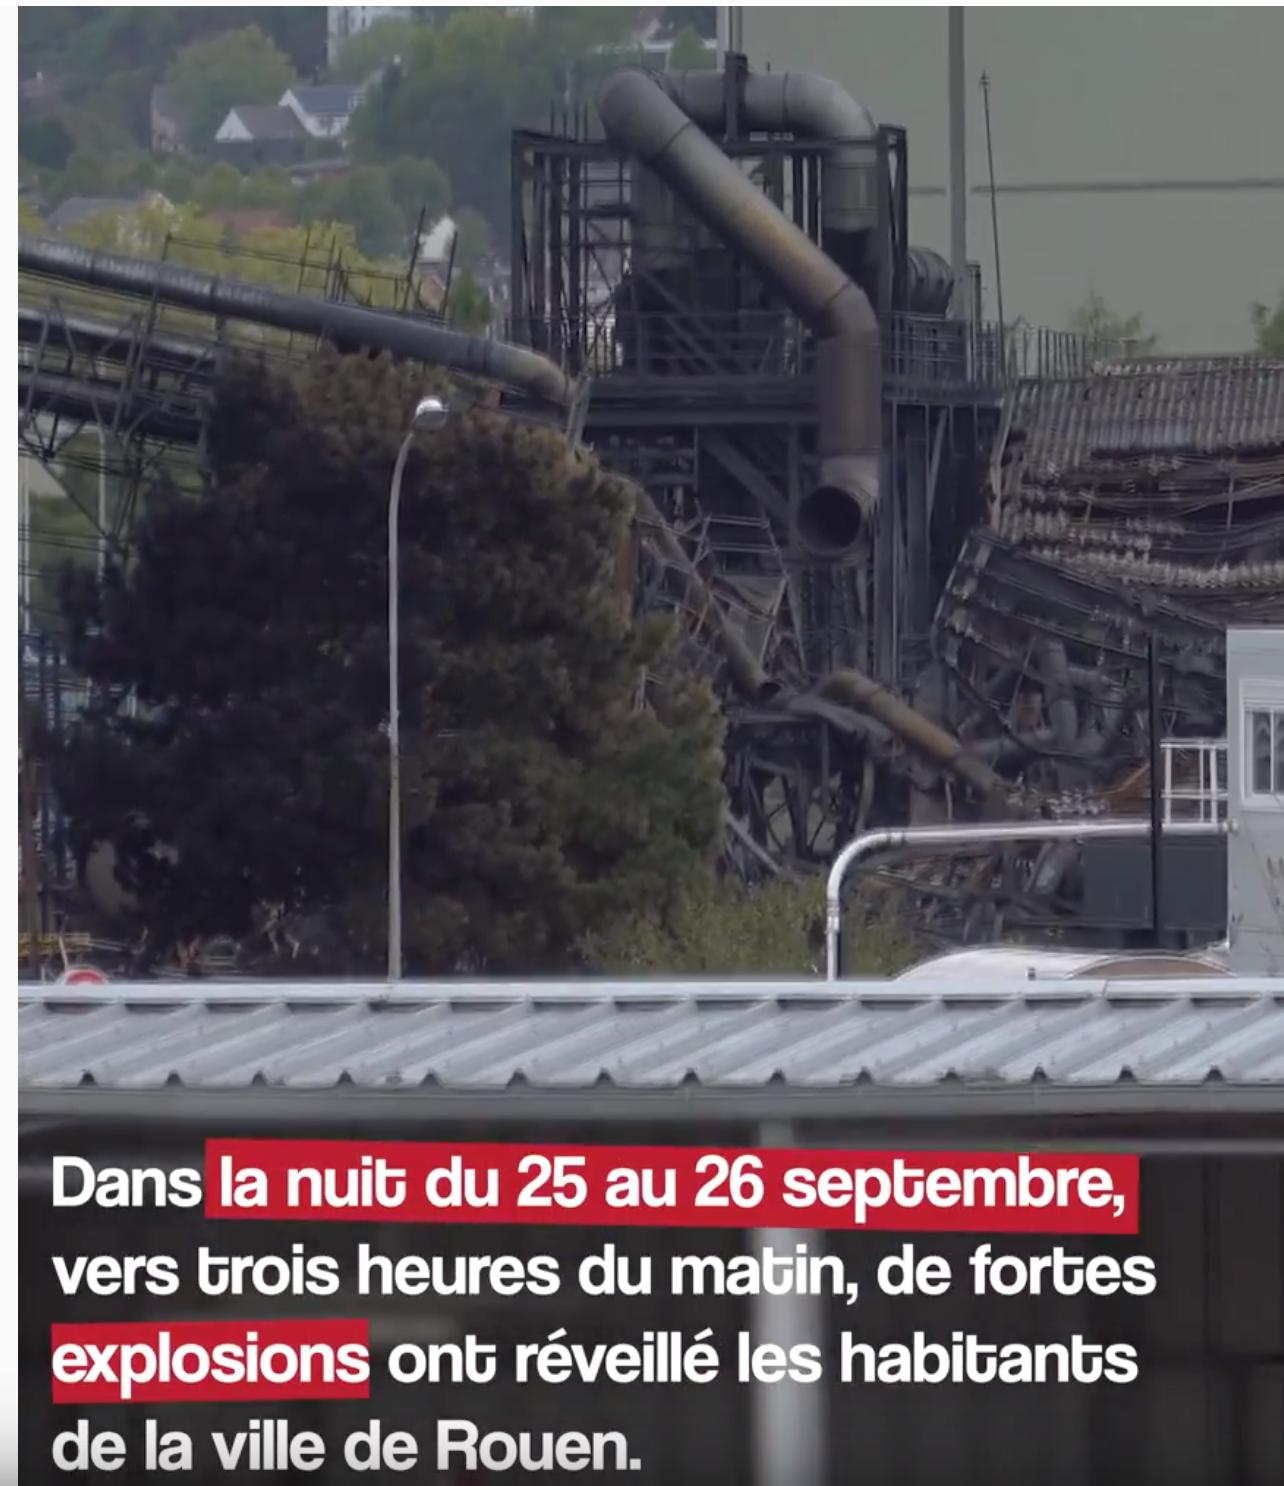 5250 tonnes de produits chimiques détruites dans l'incendie de l'usine Lubrizol : c'est anodin pour Buzyn